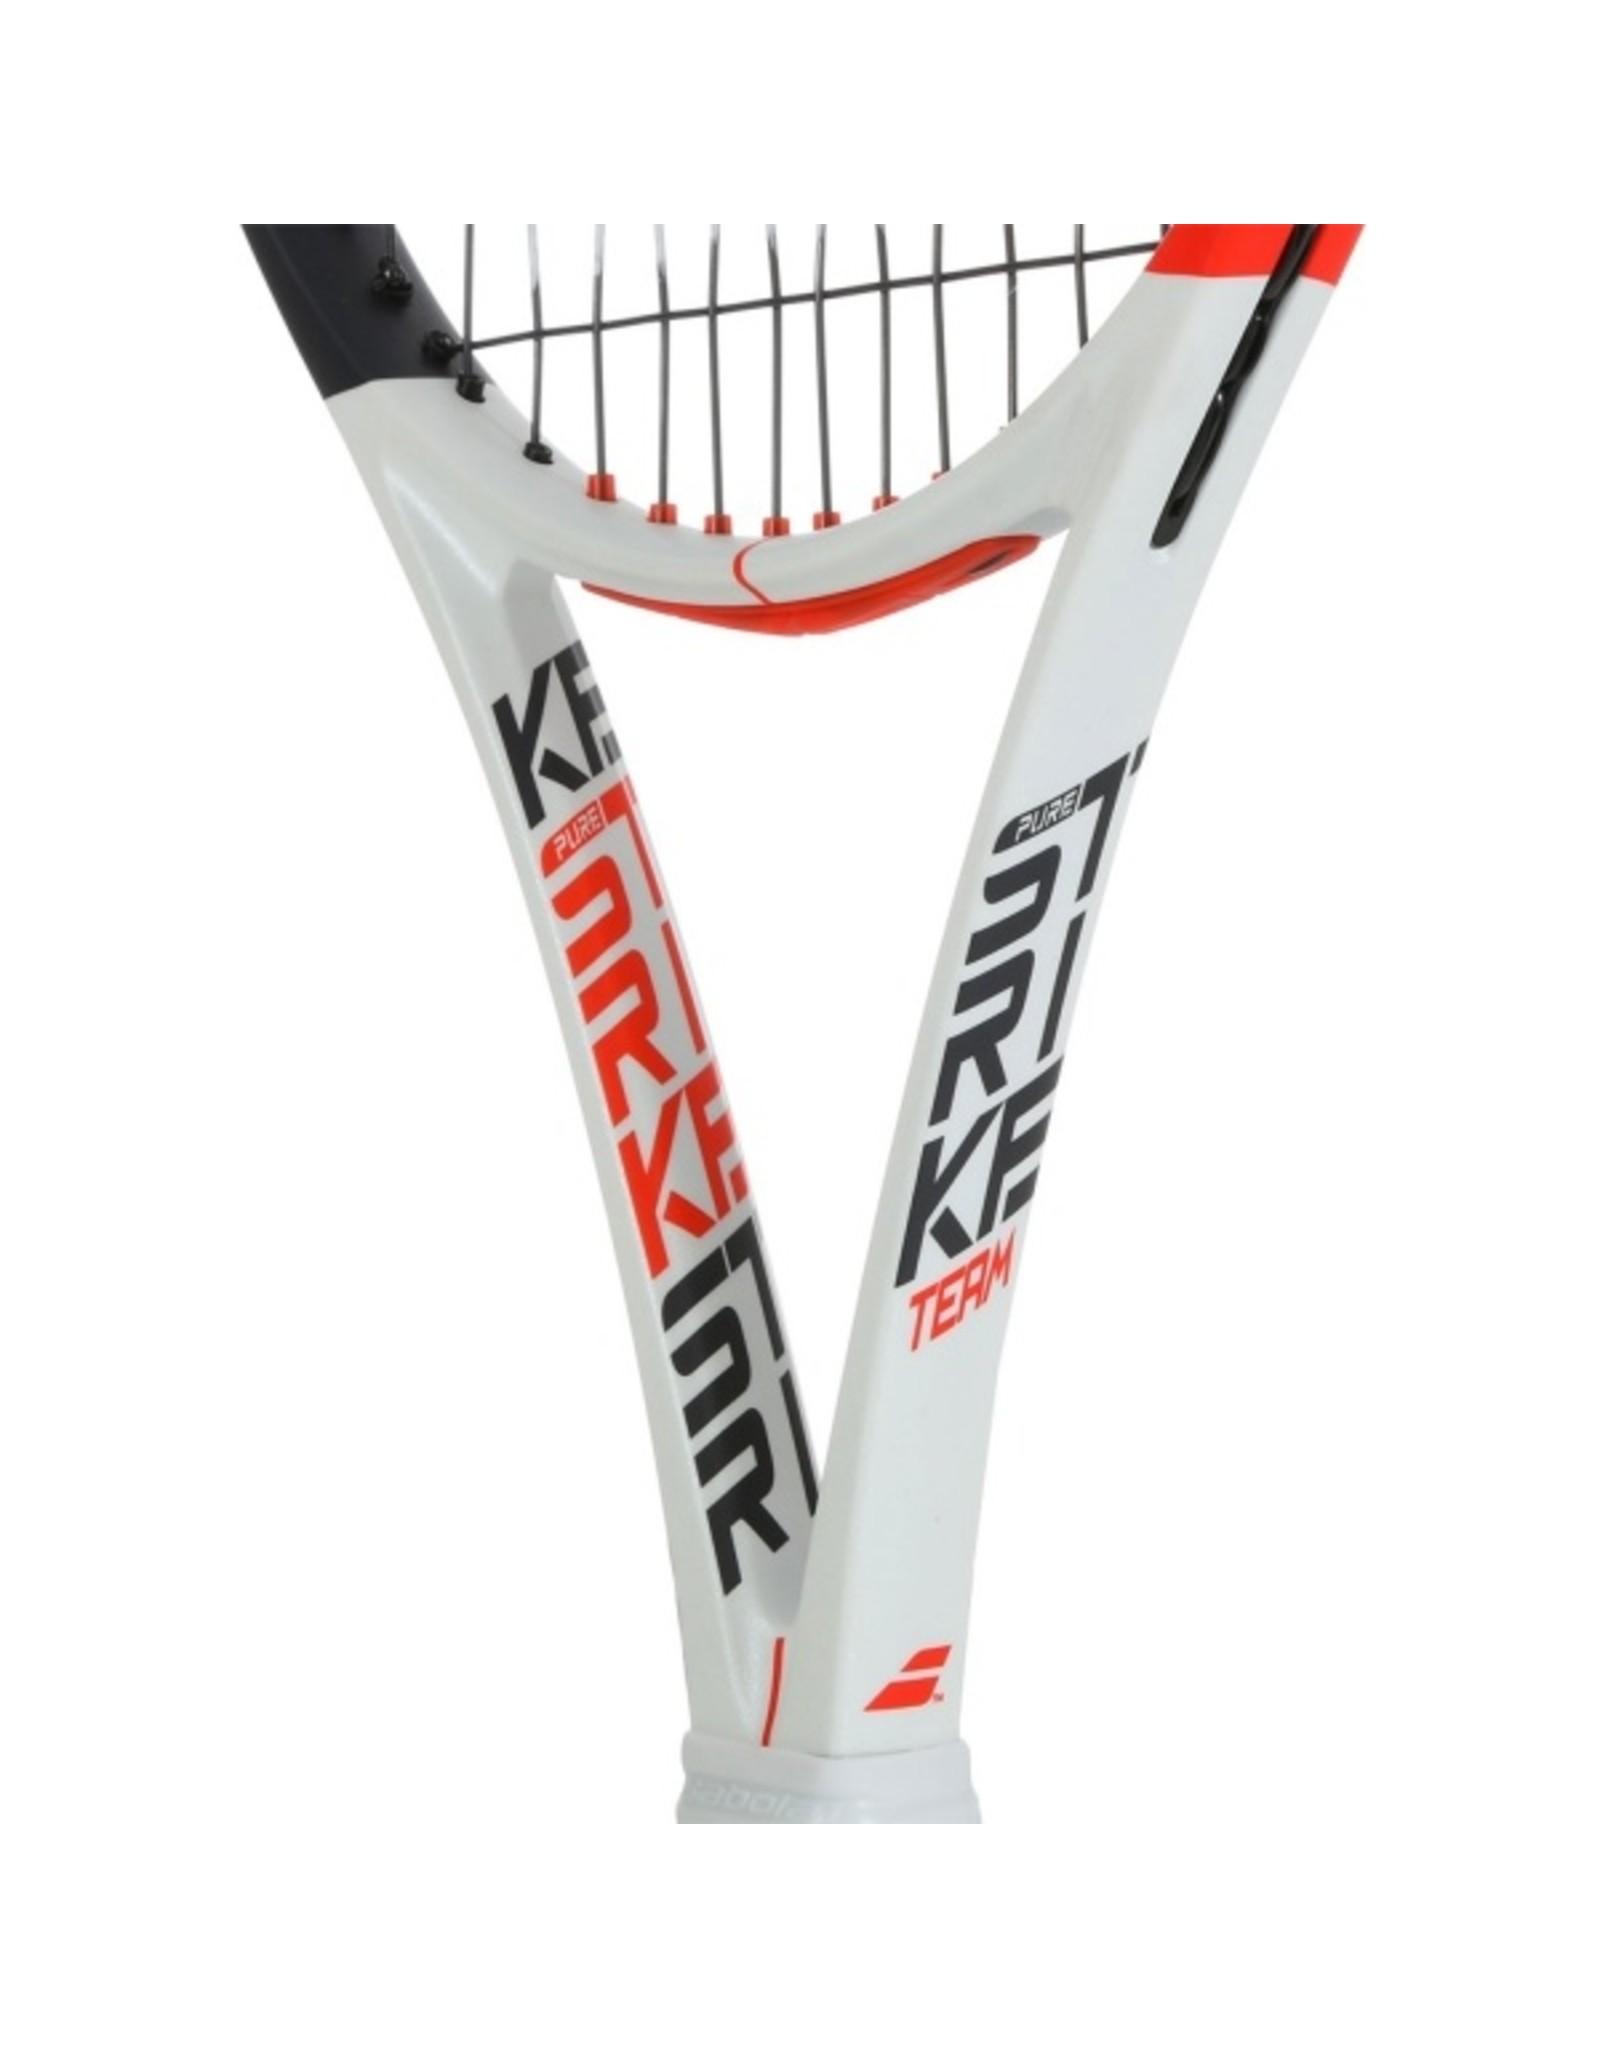 Babolat Babolat Pure Strike Team 3rd Gen Tennis Racquet